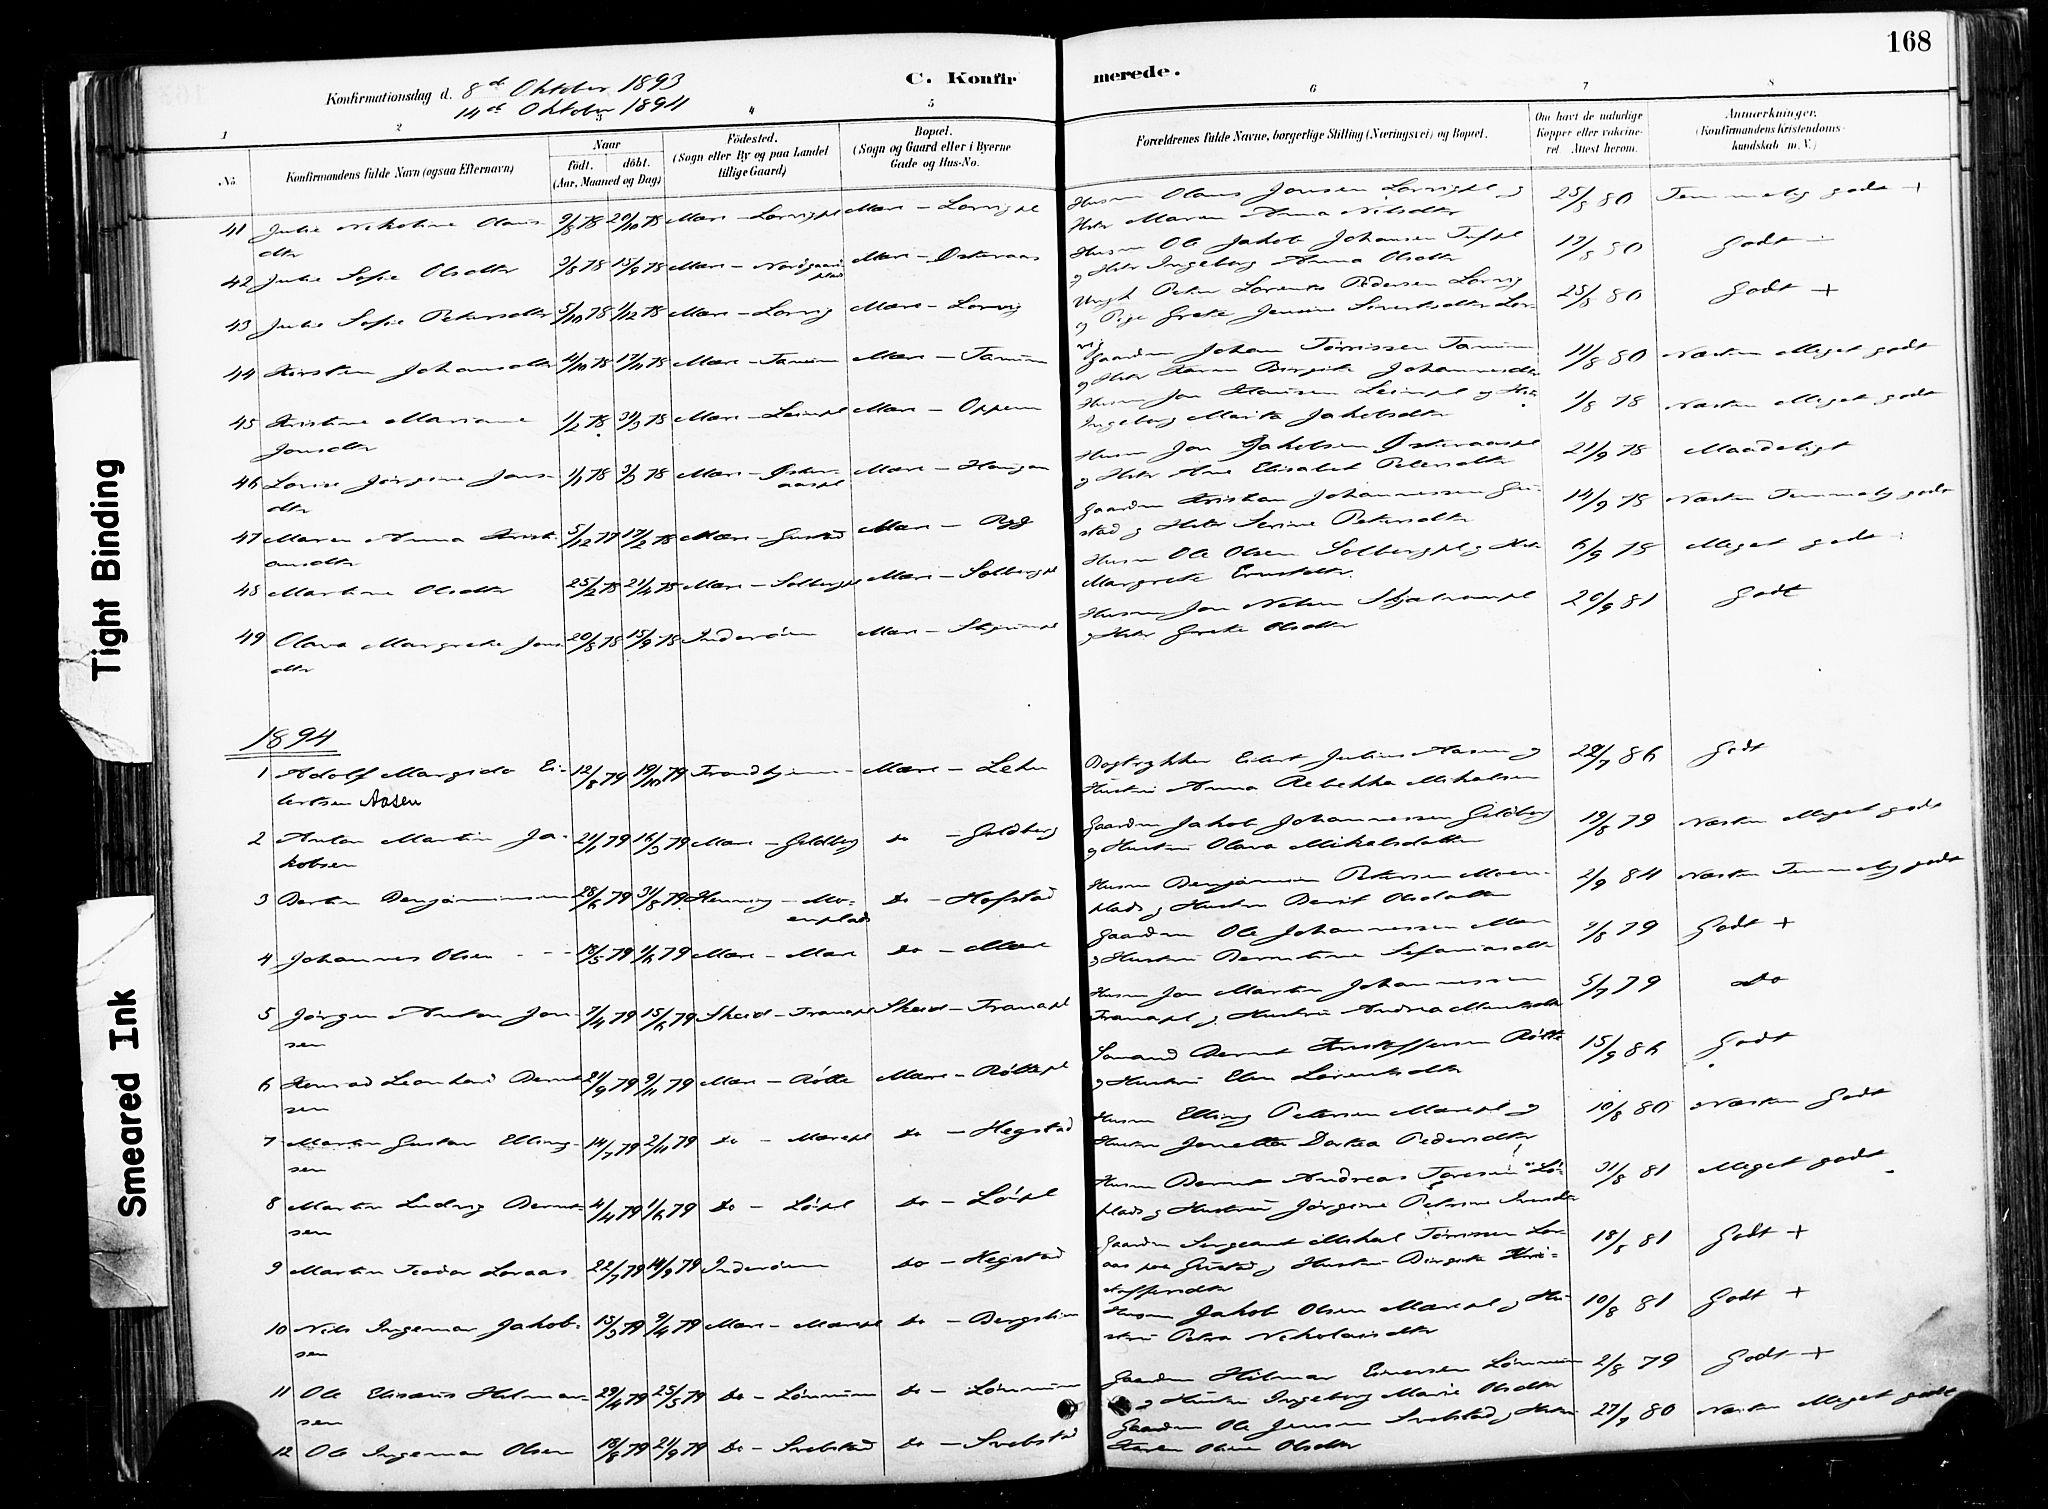 SAT, Ministerialprotokoller, klokkerbøker og fødselsregistre - Nord-Trøndelag, 735/L0351: Ministerialbok nr. 735A10, 1884-1908, s. 168